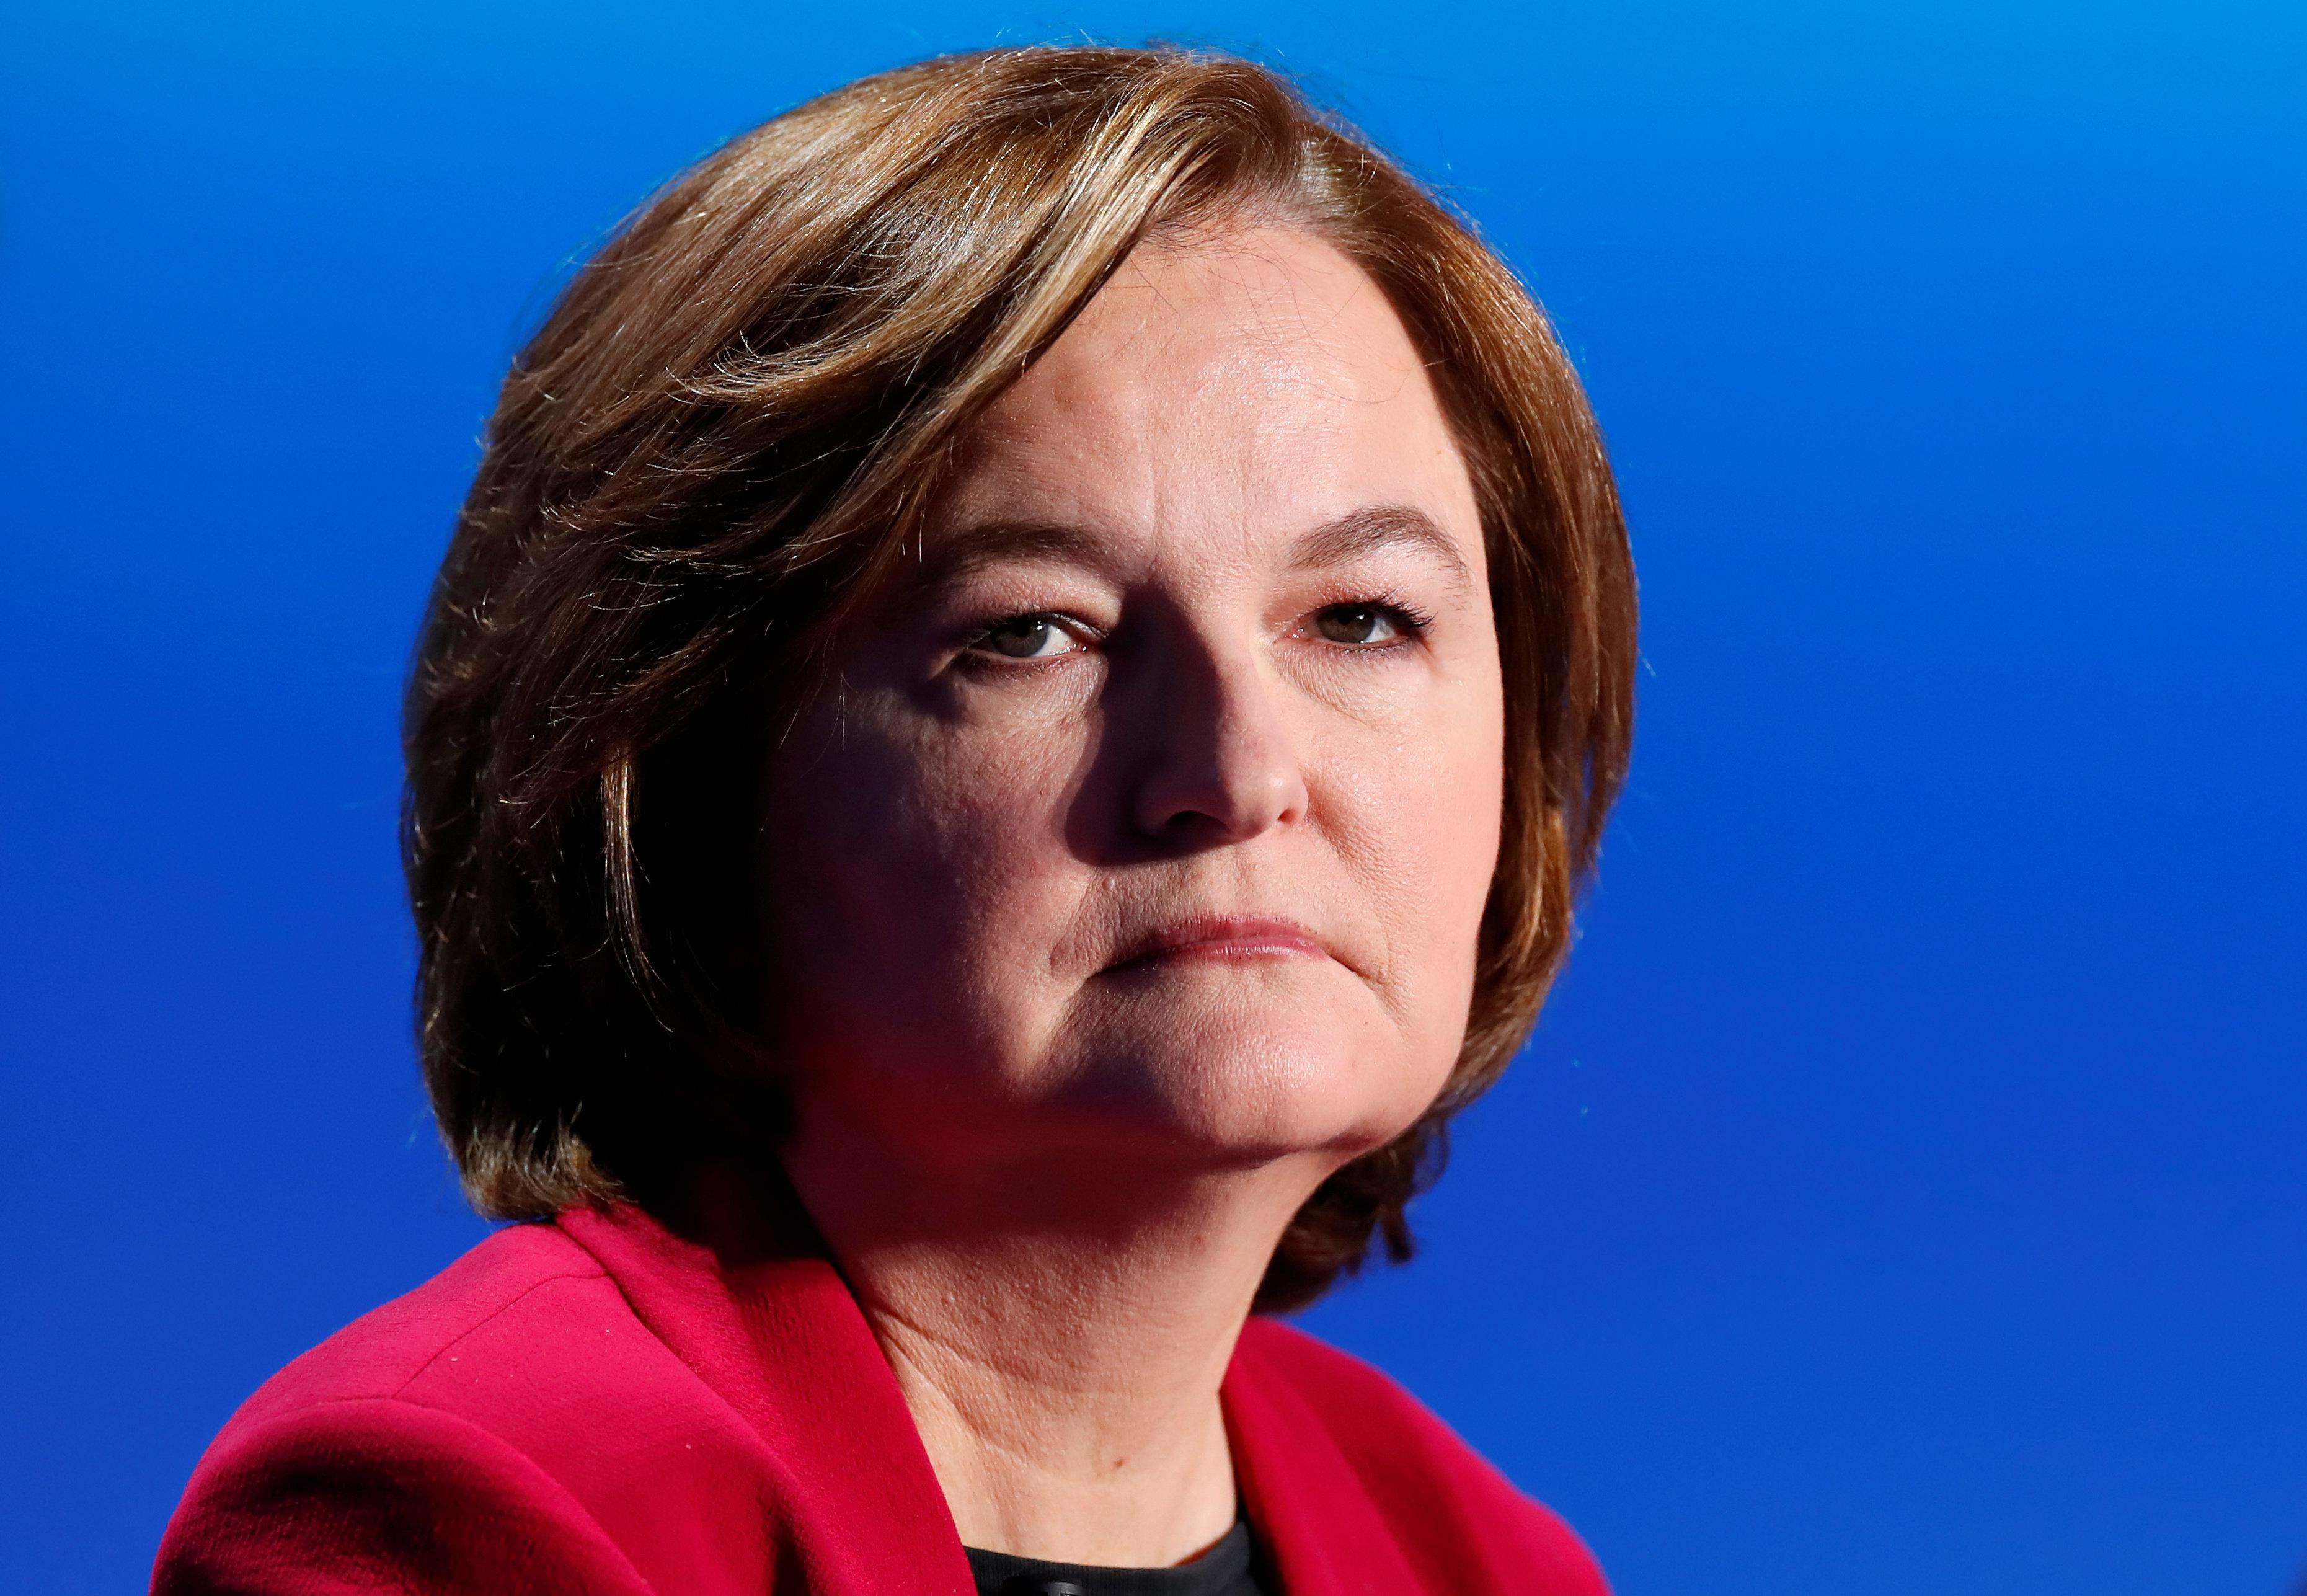 Accusée d'avoir été sur une liste d'extreme droite, Nathalie Loiseau reconnaît une